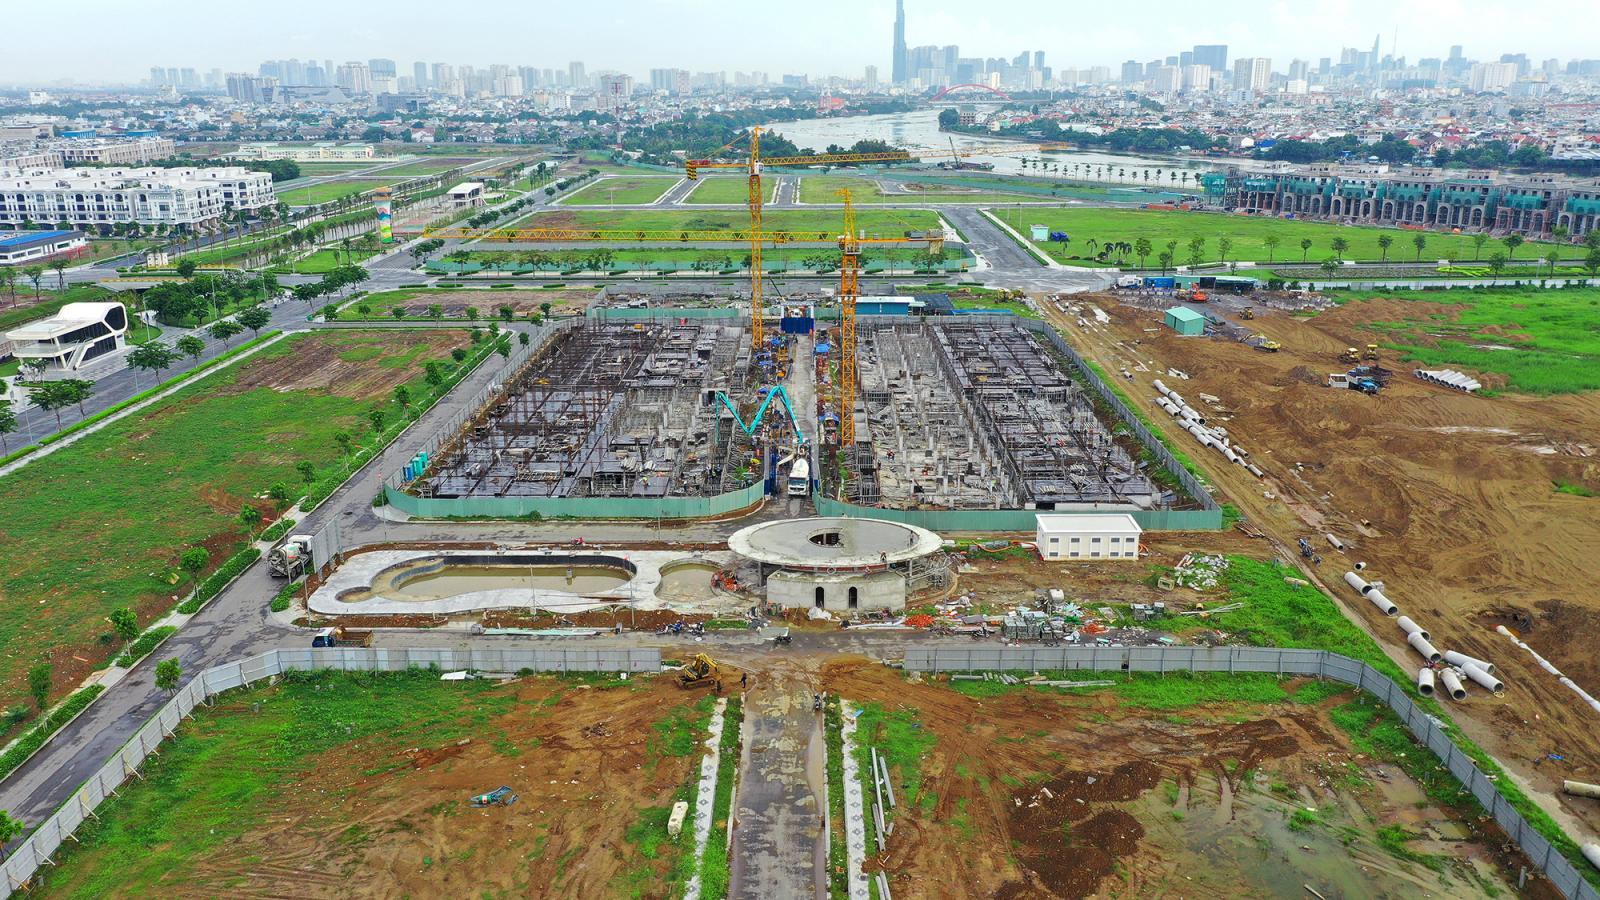 khu đất trống bên cạnh có công trình đang xây dựng